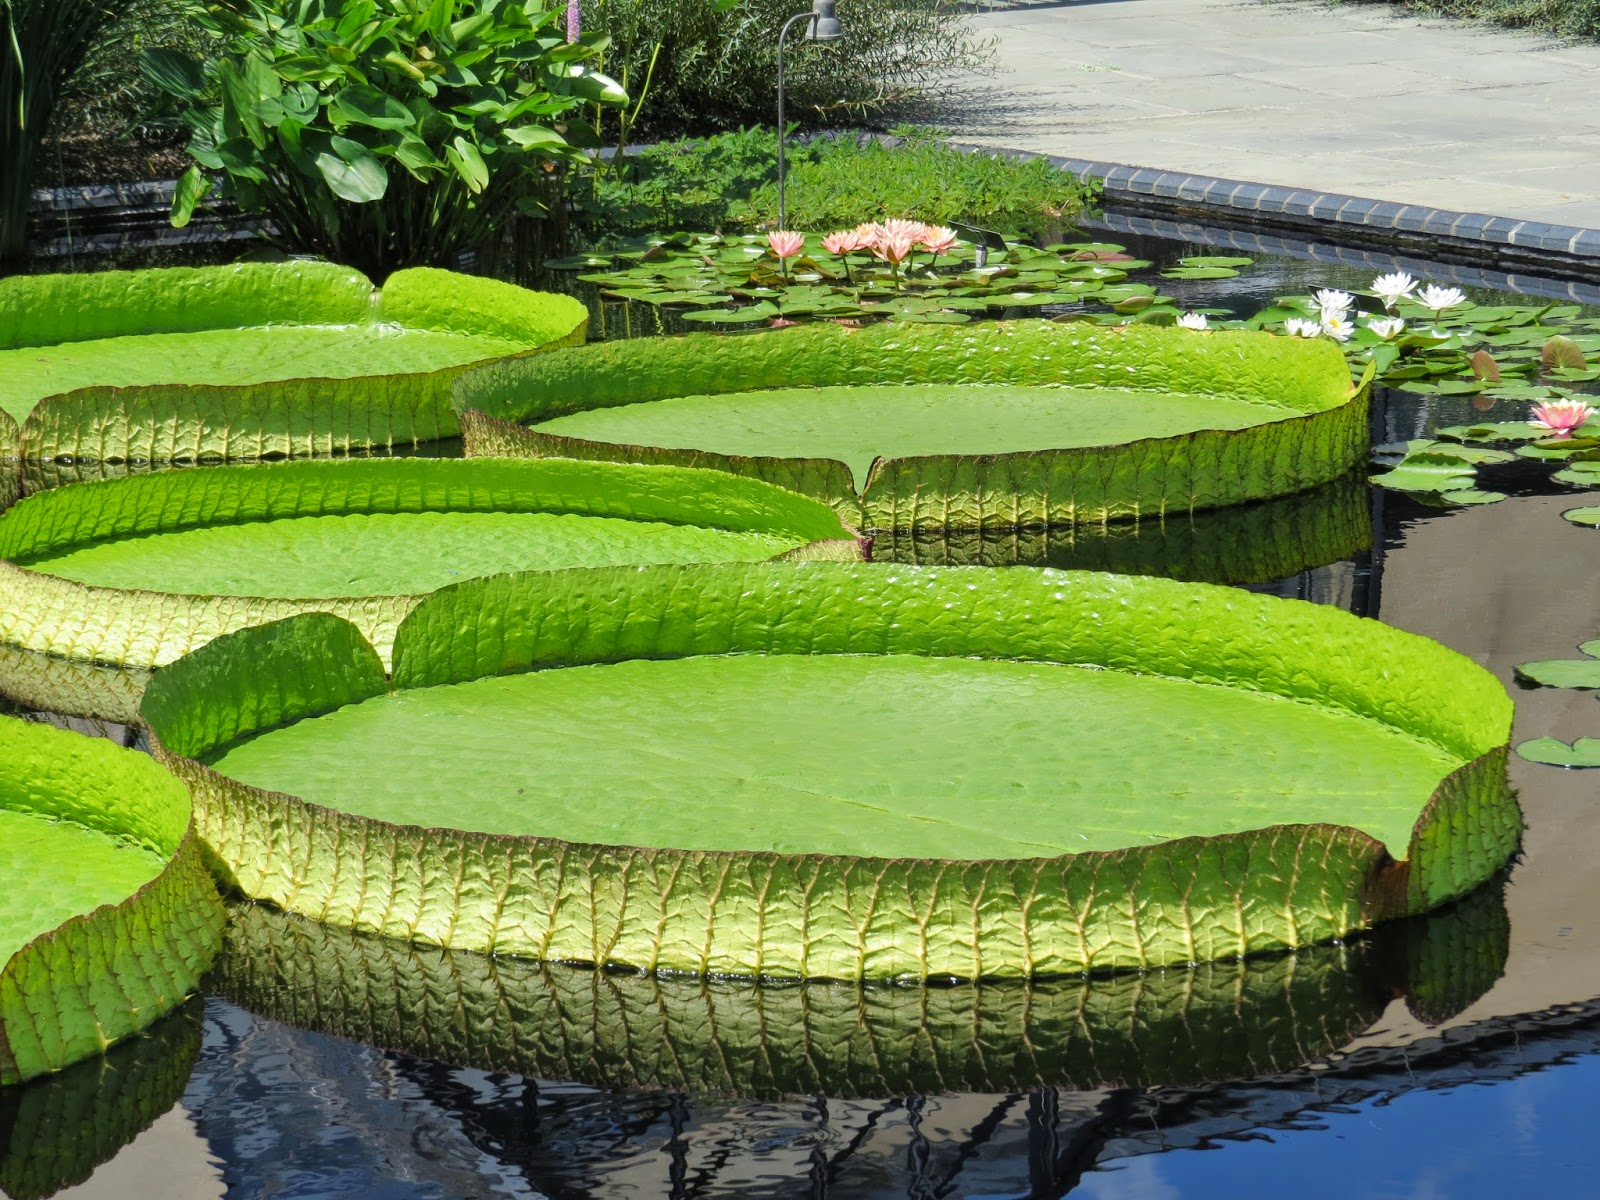 Pennsylvania gardens